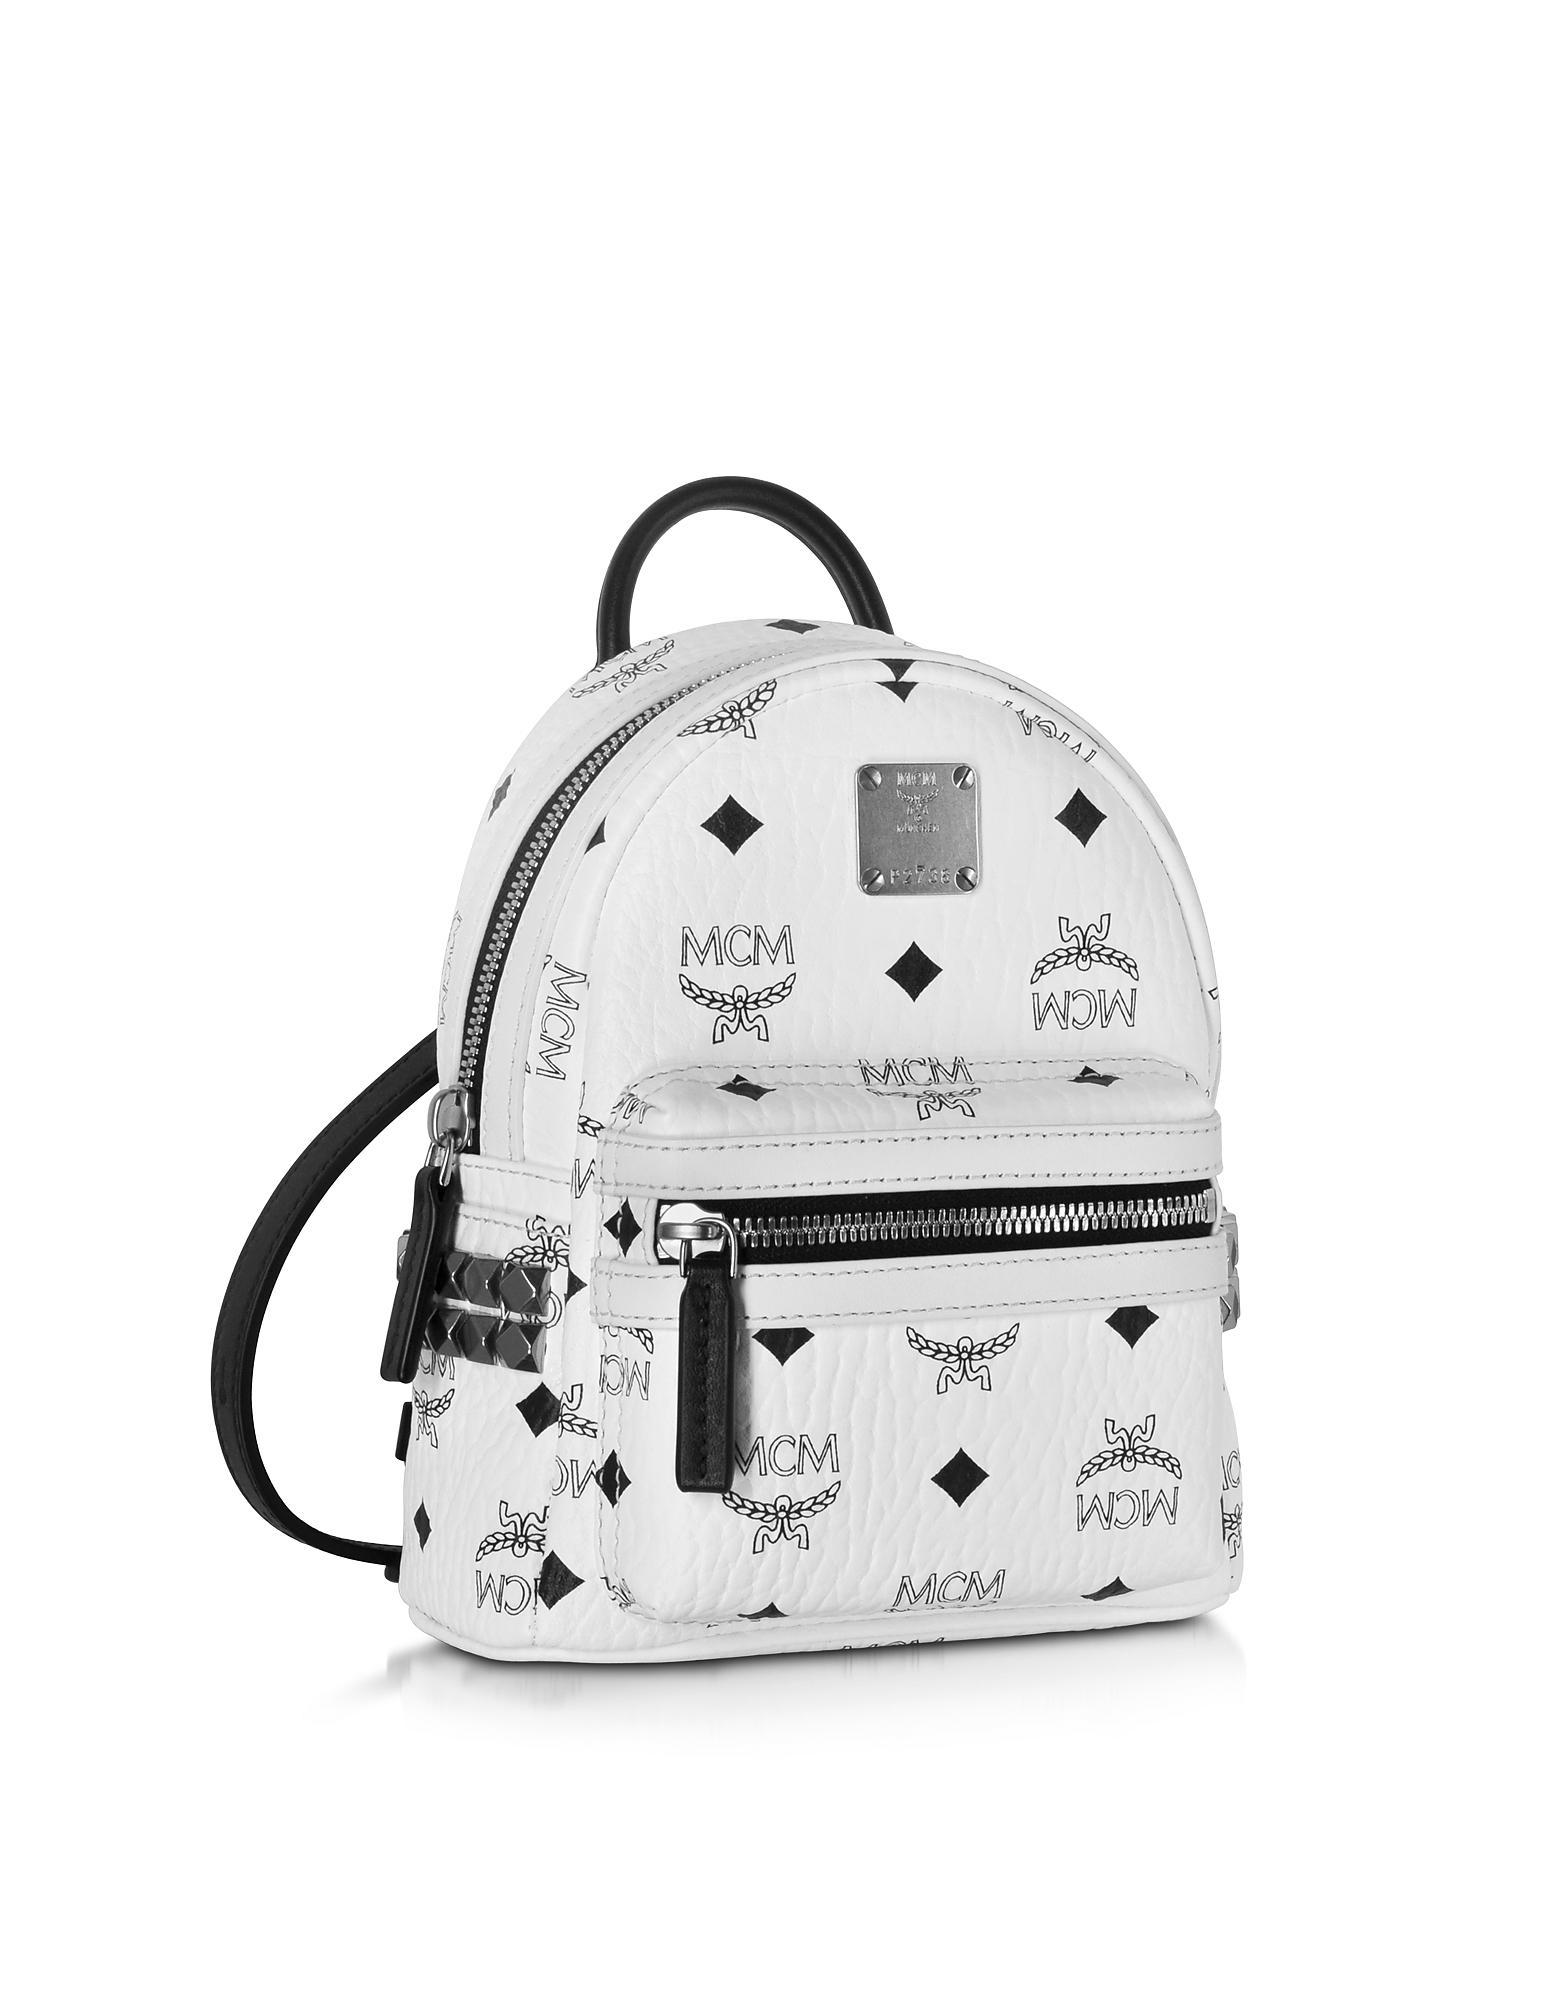 ccfa78c4c611 Lyst - MCM Stark Bebe Boo White Backpack in White